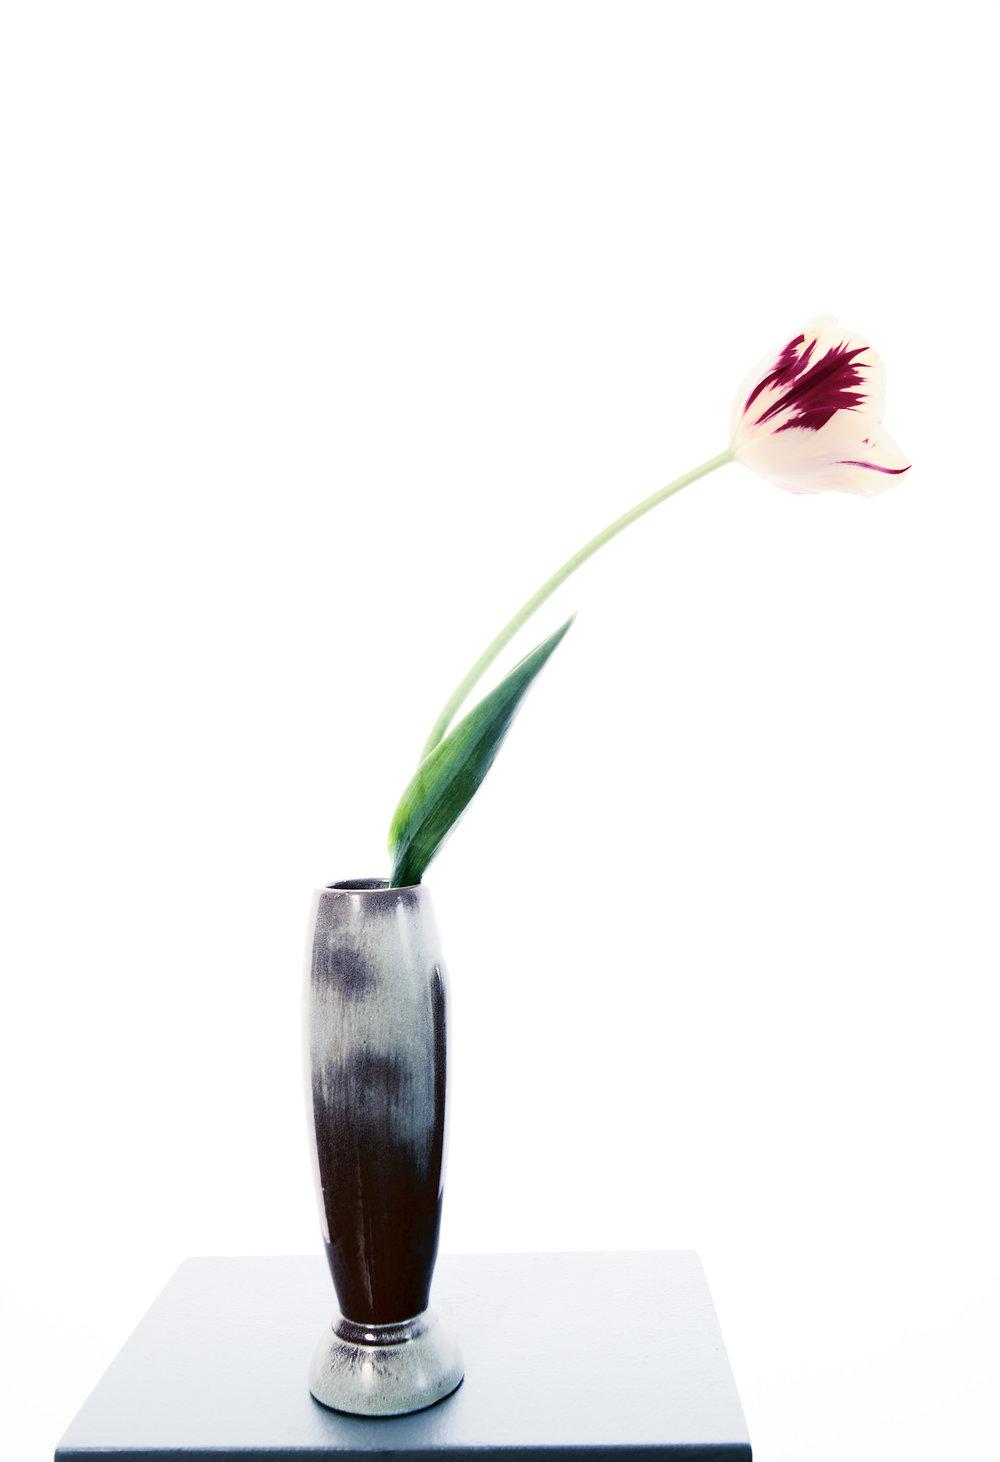 Flower Tulip 1, 2014